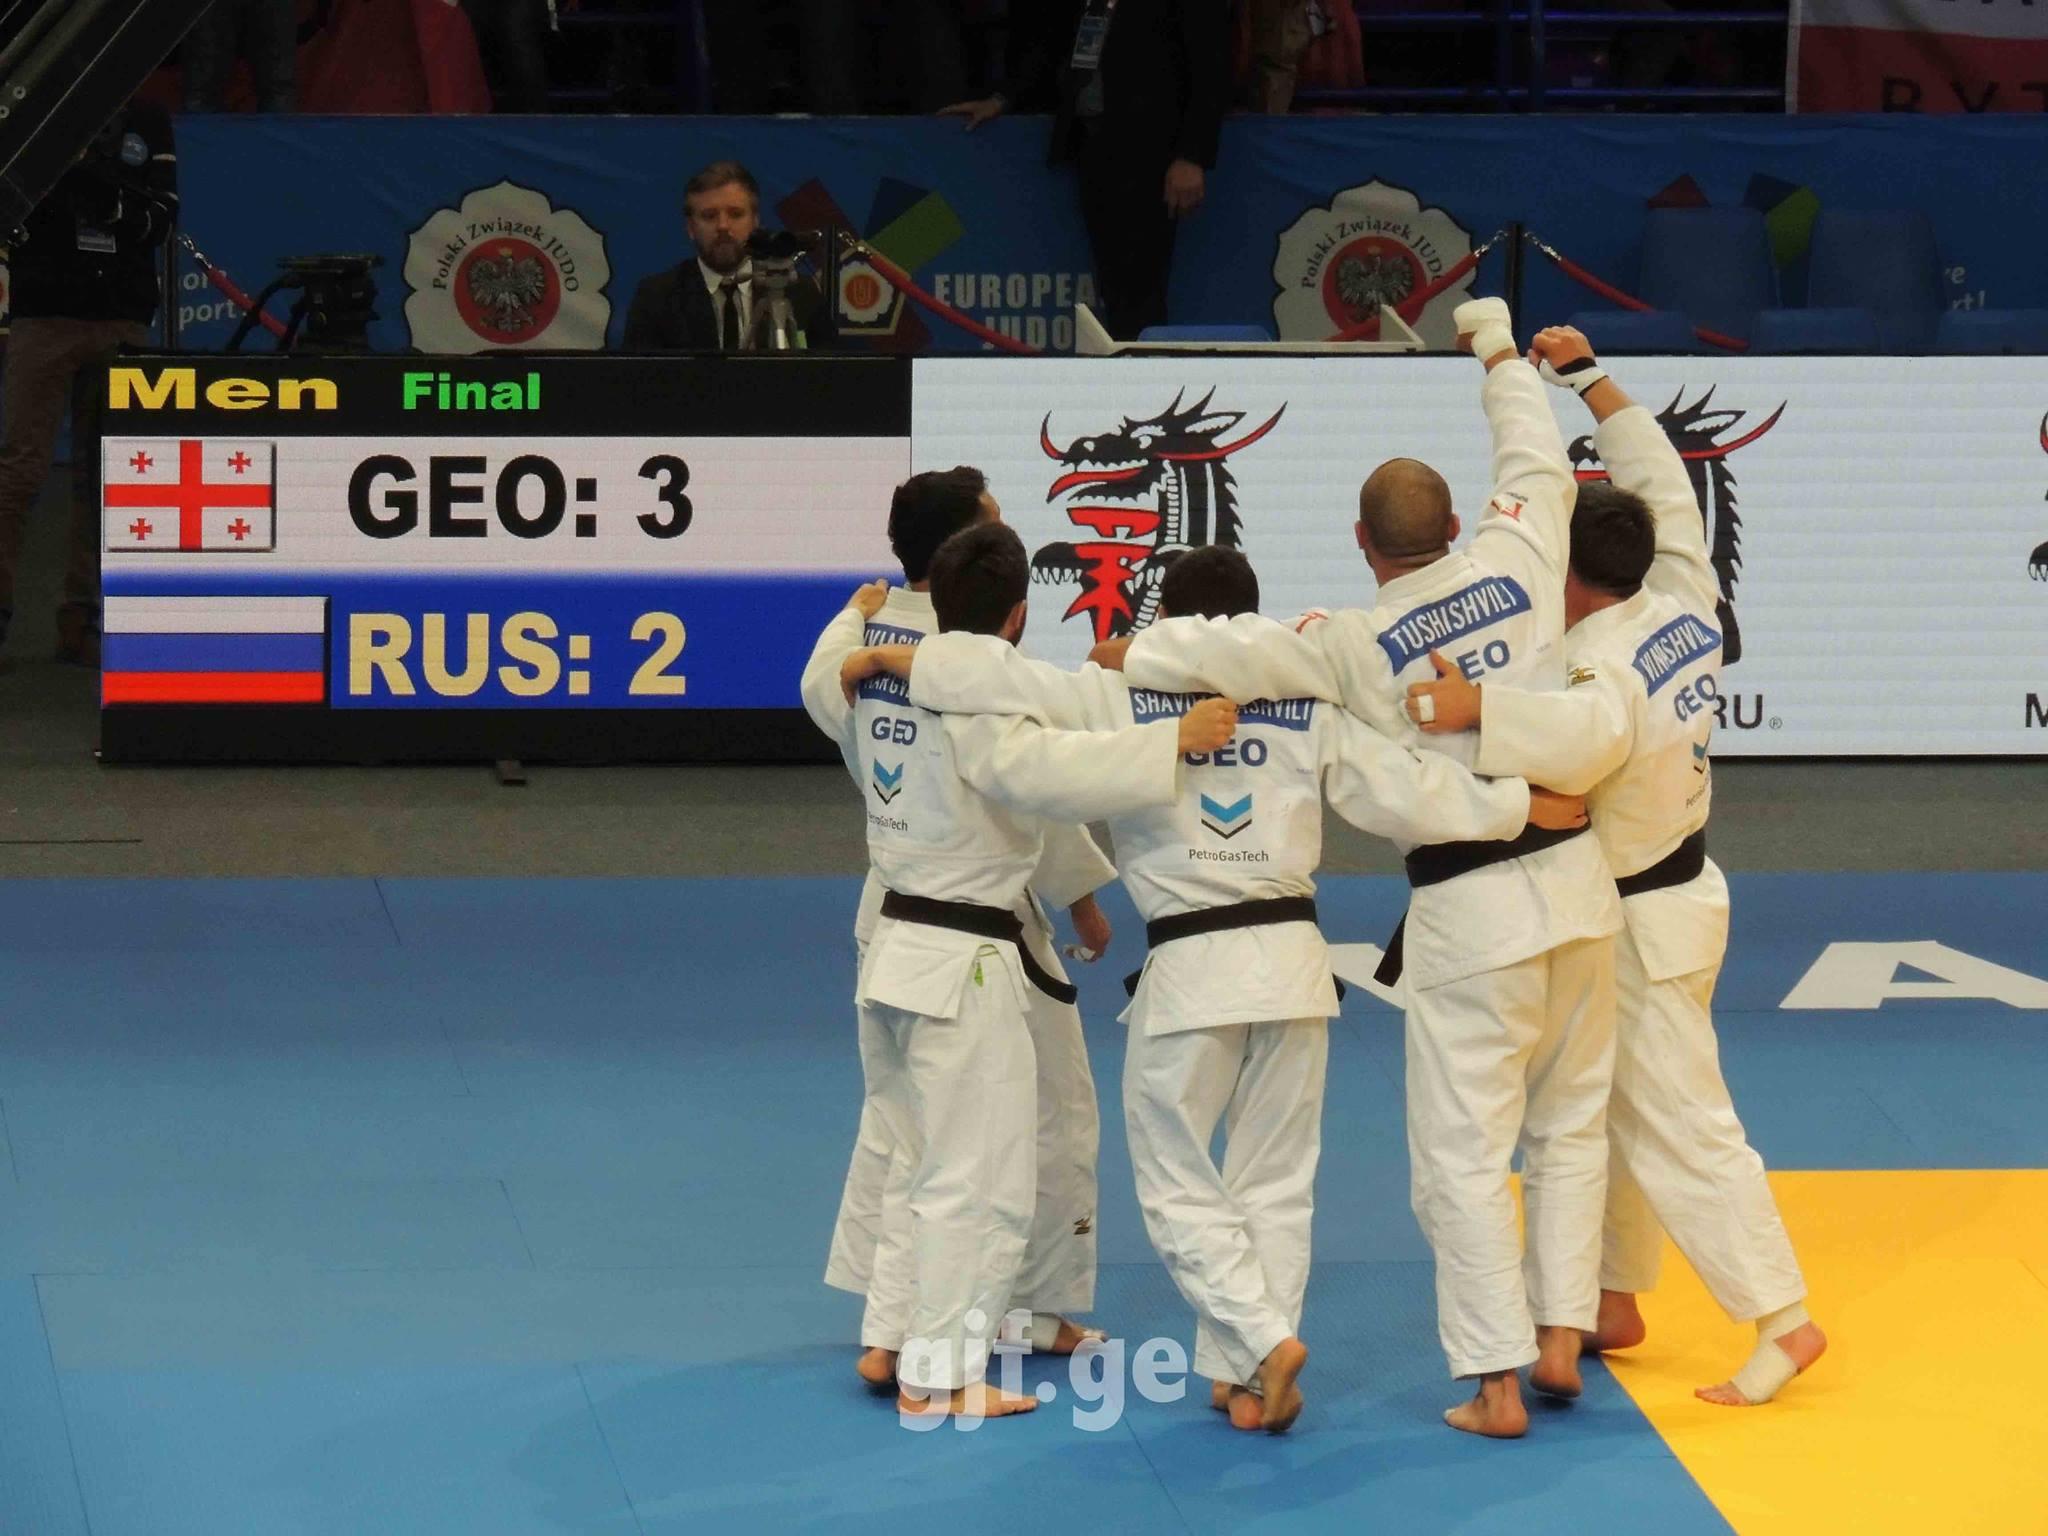 საქართველოს ნაკრები გუნდურ ჩათვლაში ევროპის 2017 წლის ჩემპიონია © Georgian Judo Federation - საქართველოს ძიუდოს ფედერაცია